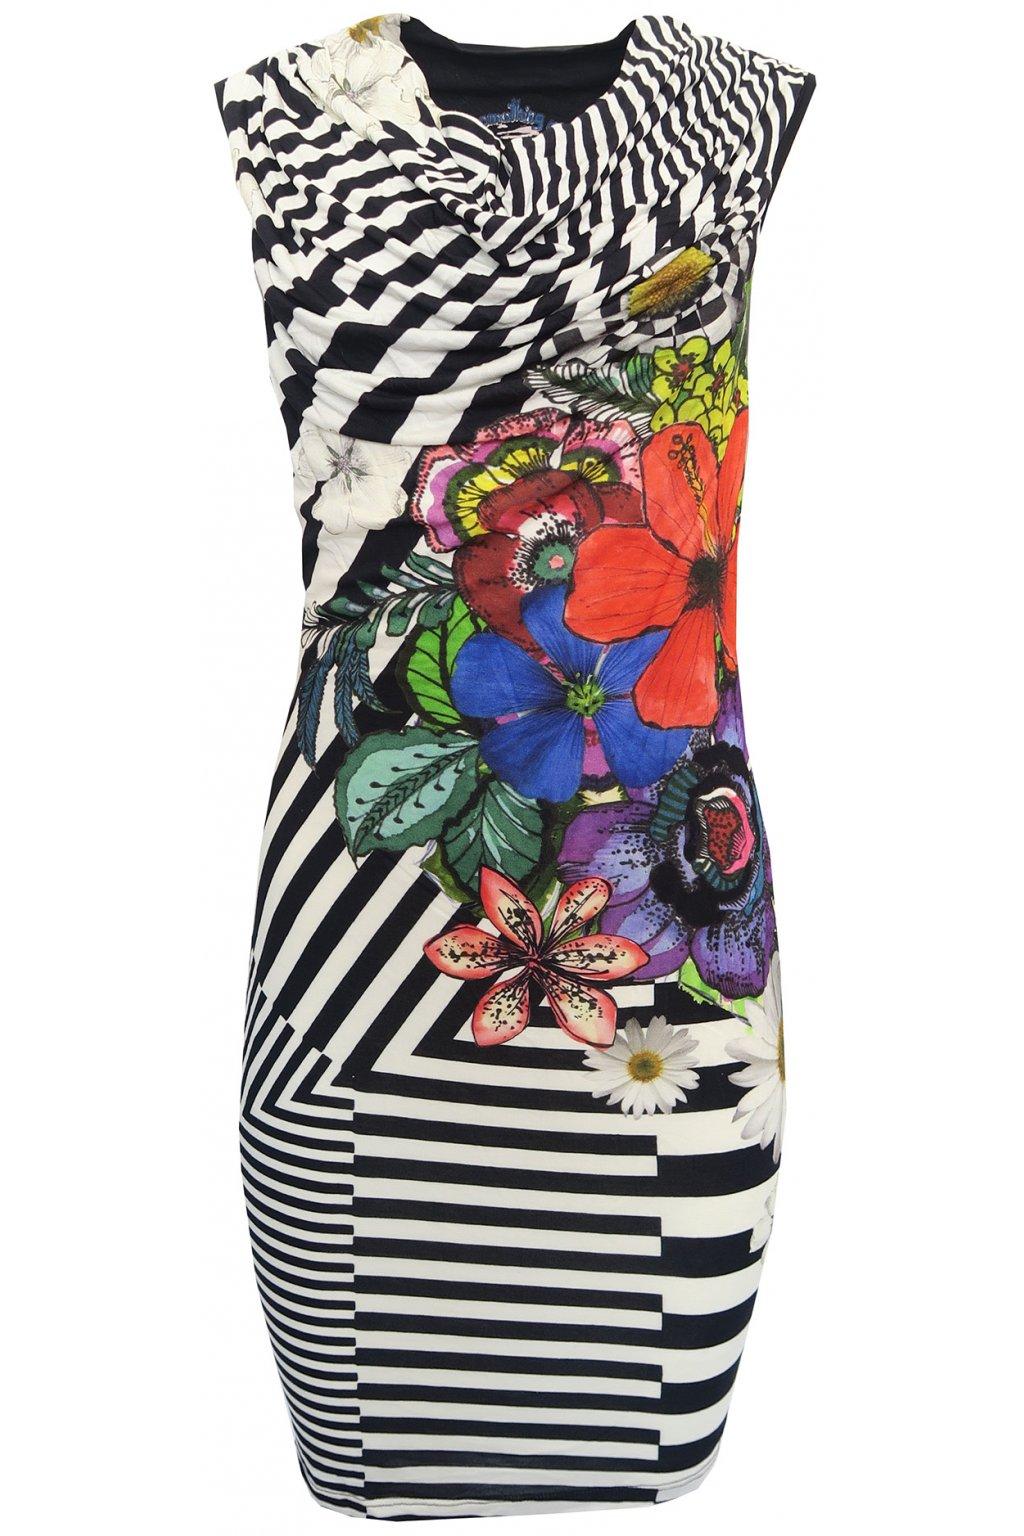 Desigual pruhované šaty s barevnými květy